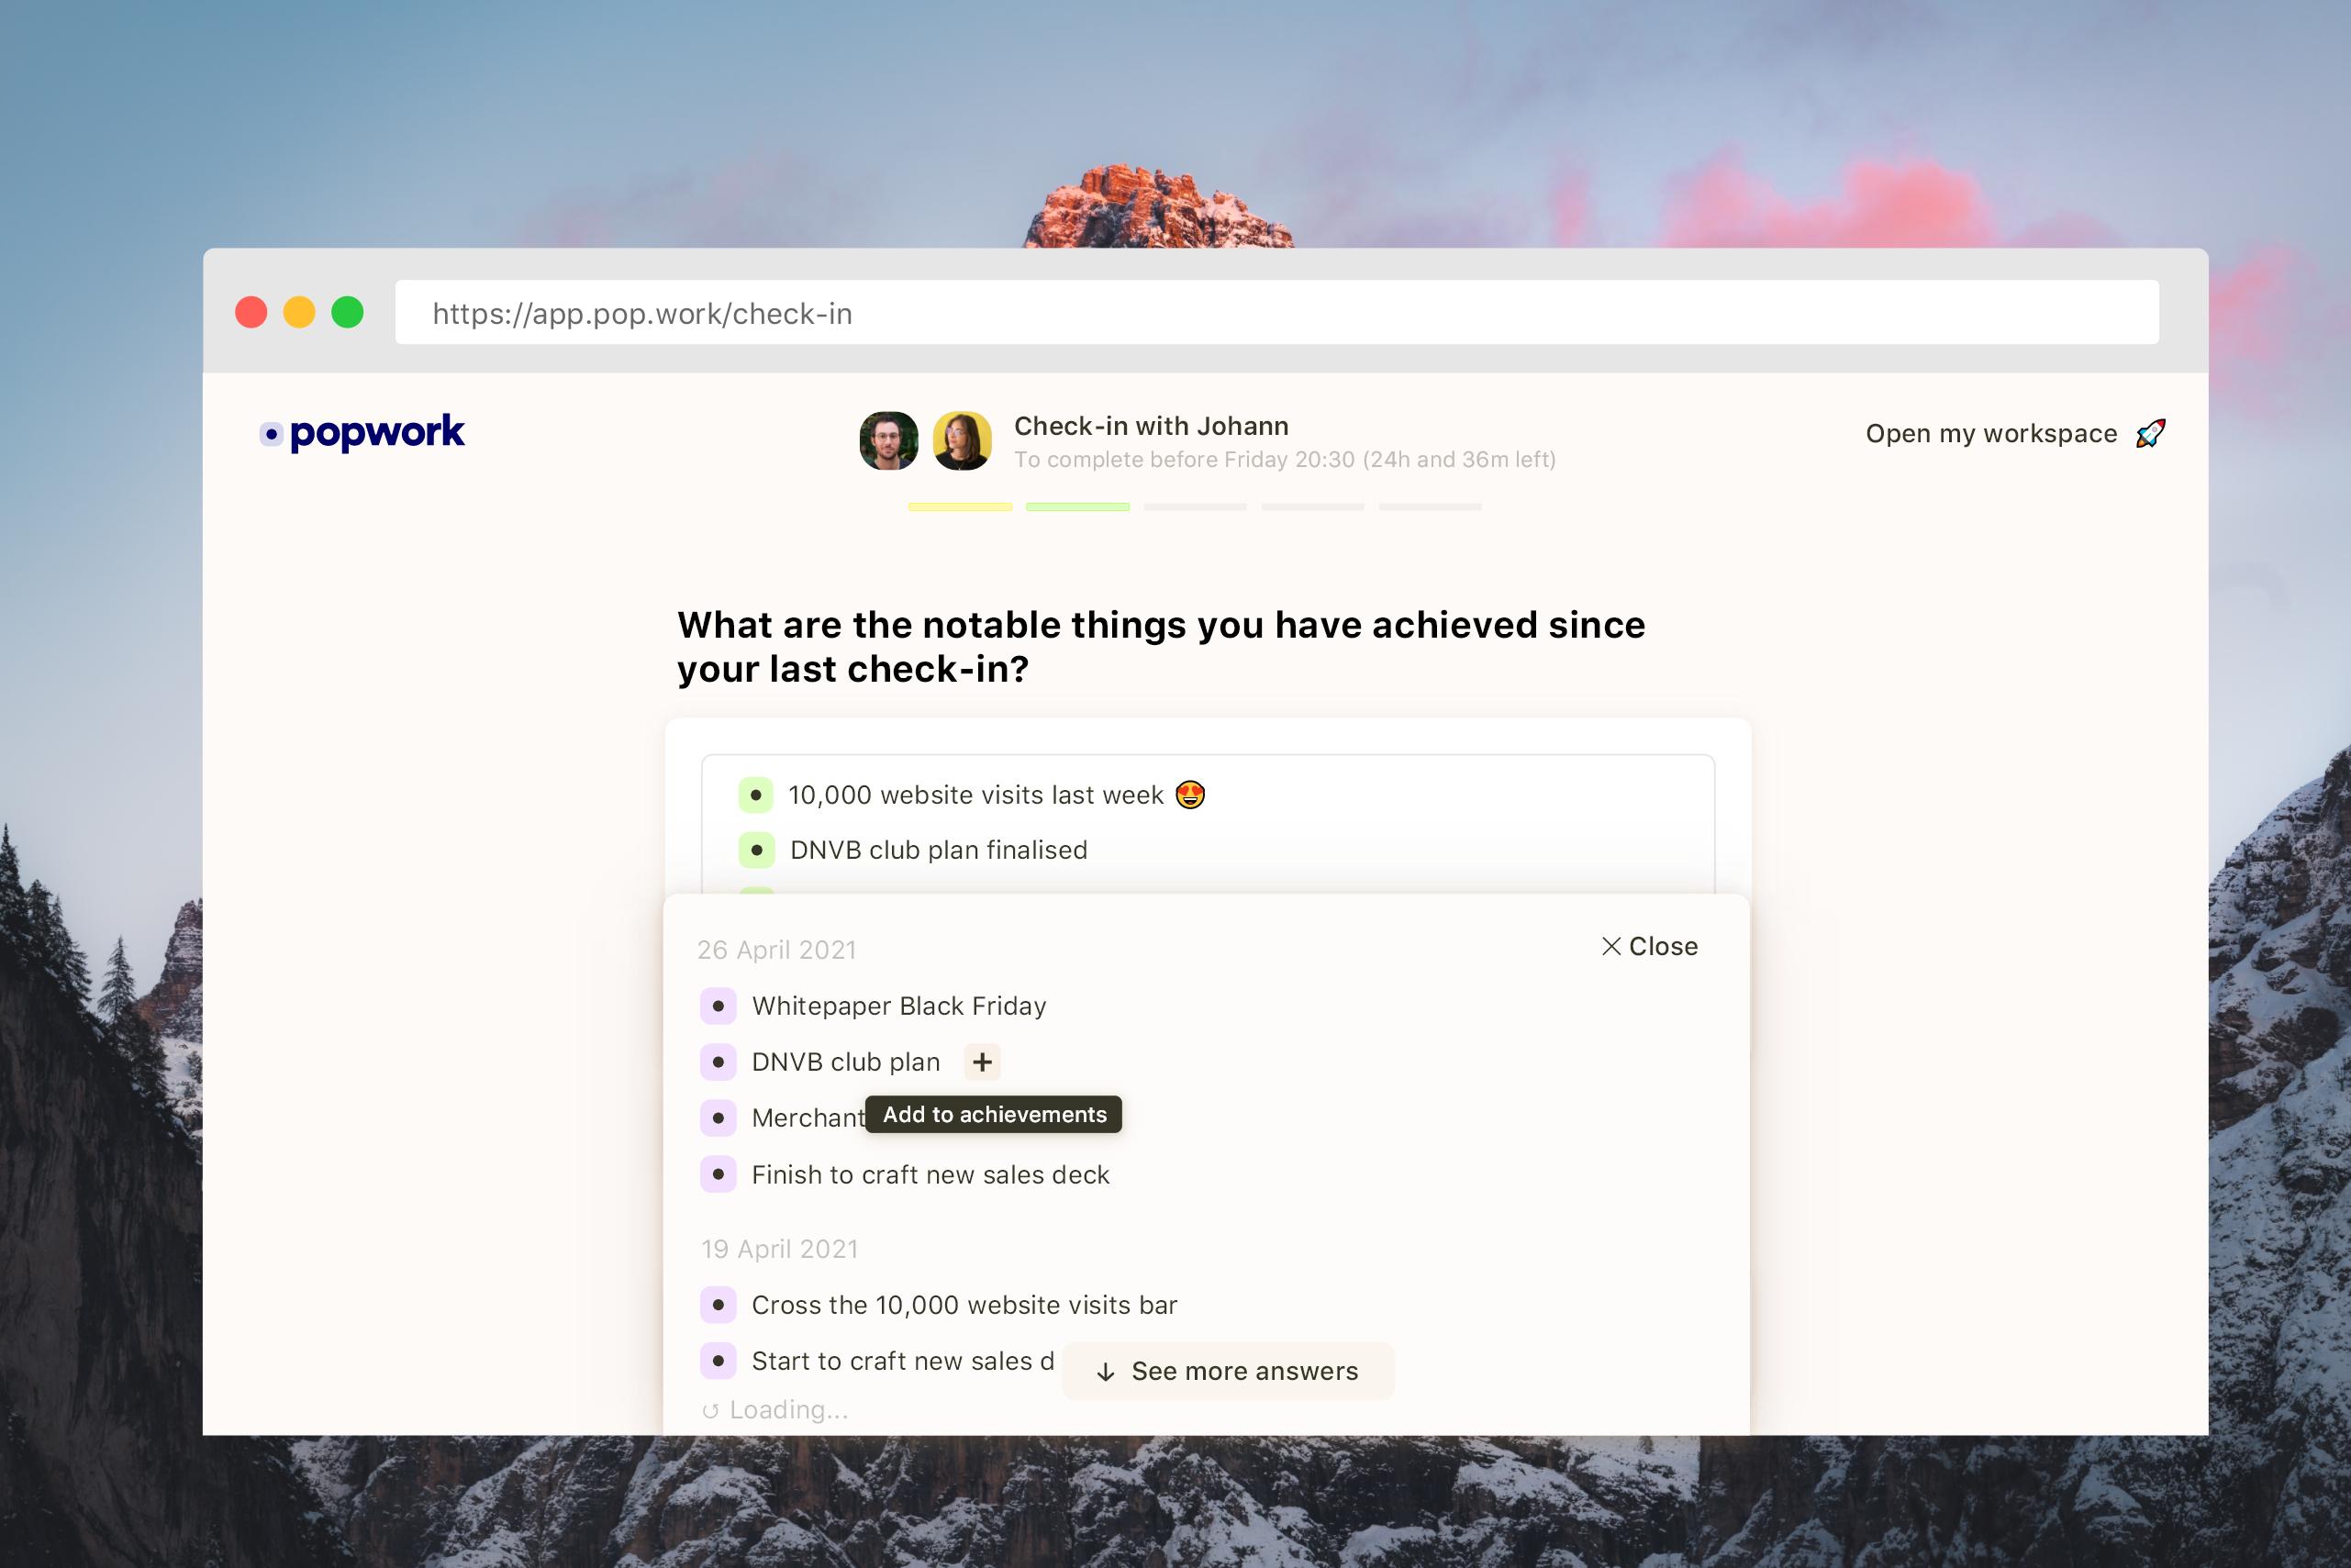 Thumbmail access historic answers